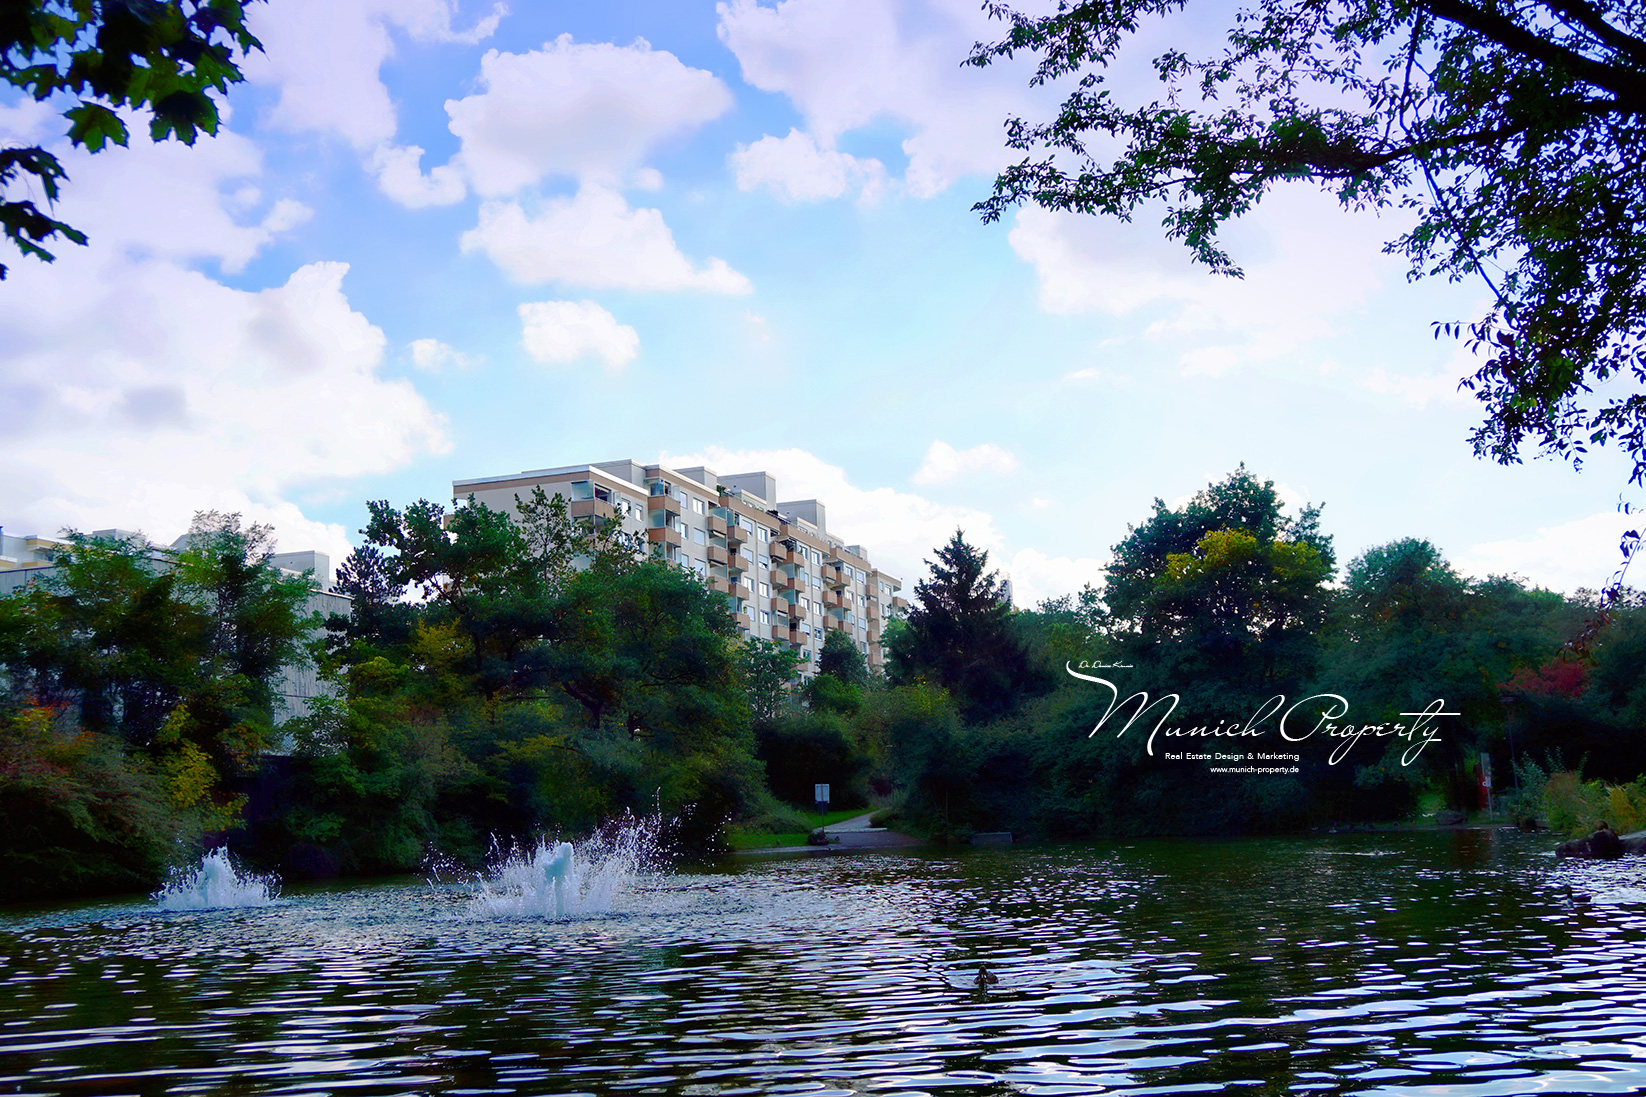 Zu Verkaufen: Attraktive Penthouse Wohnung mit 2 Dachterrassen, Alpenblick & Swimmingpool in München West Pasing-Neuaubing: Idyllischer kleiner See